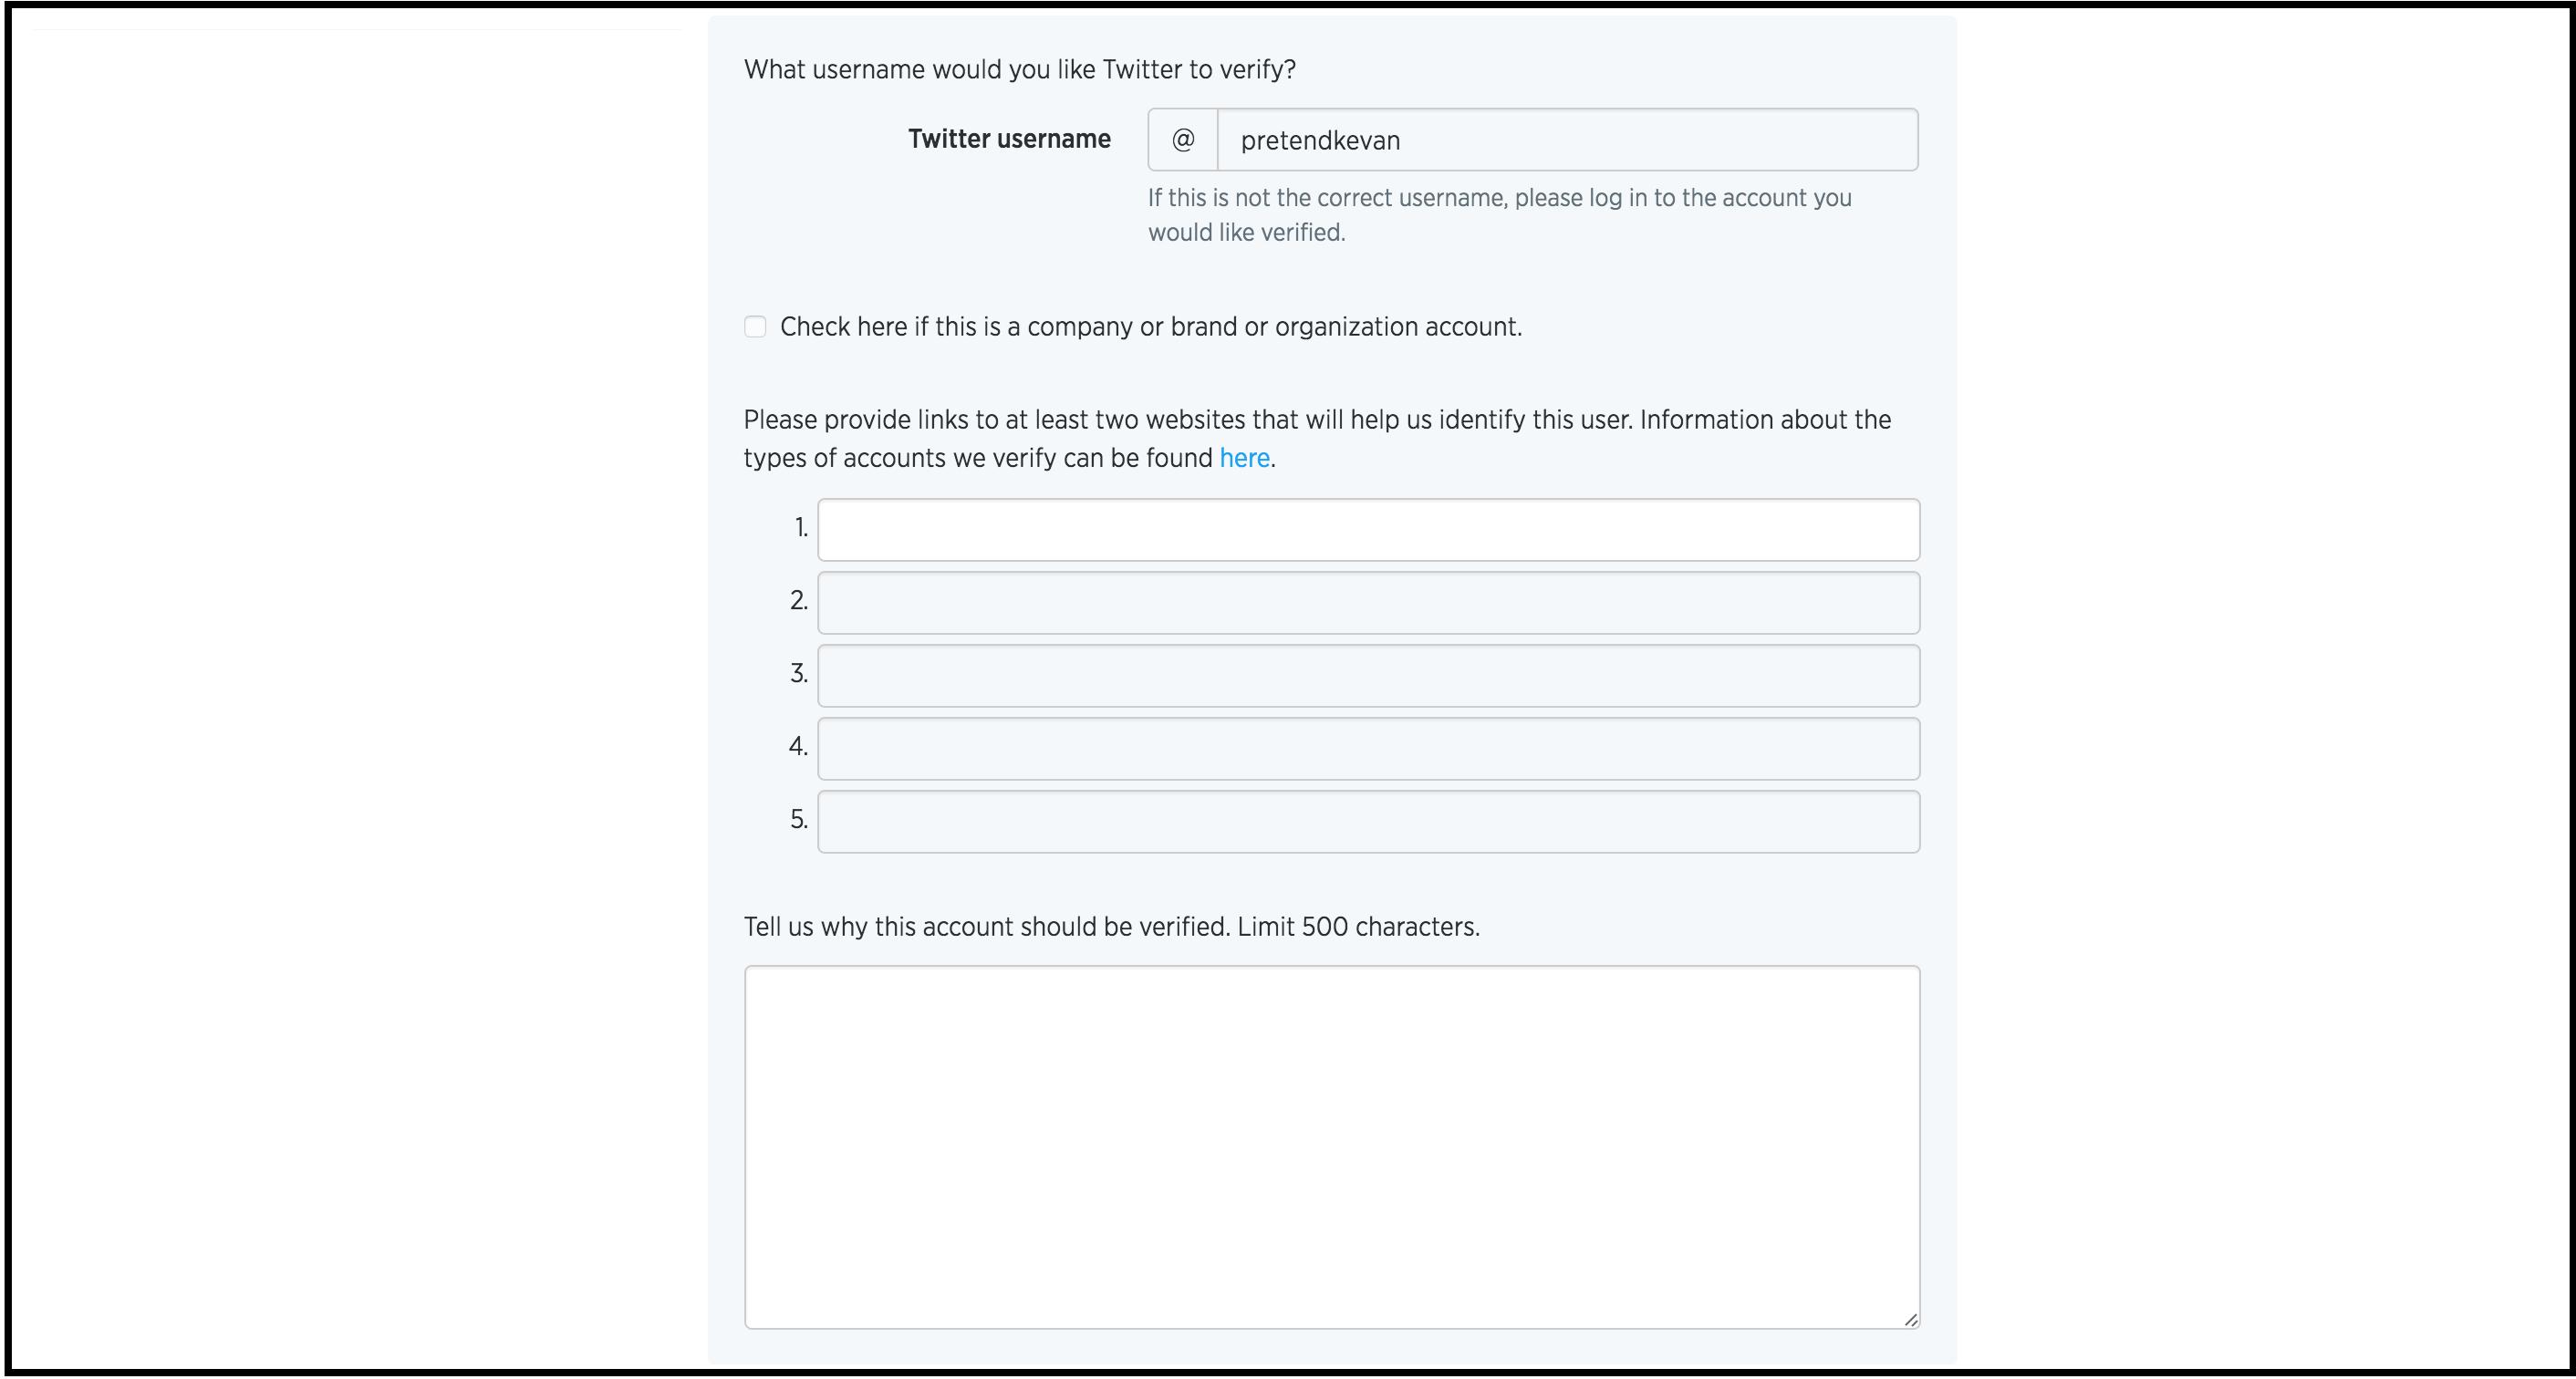 چگونه در توئیتر تیک آبی دریافت کنیم؟